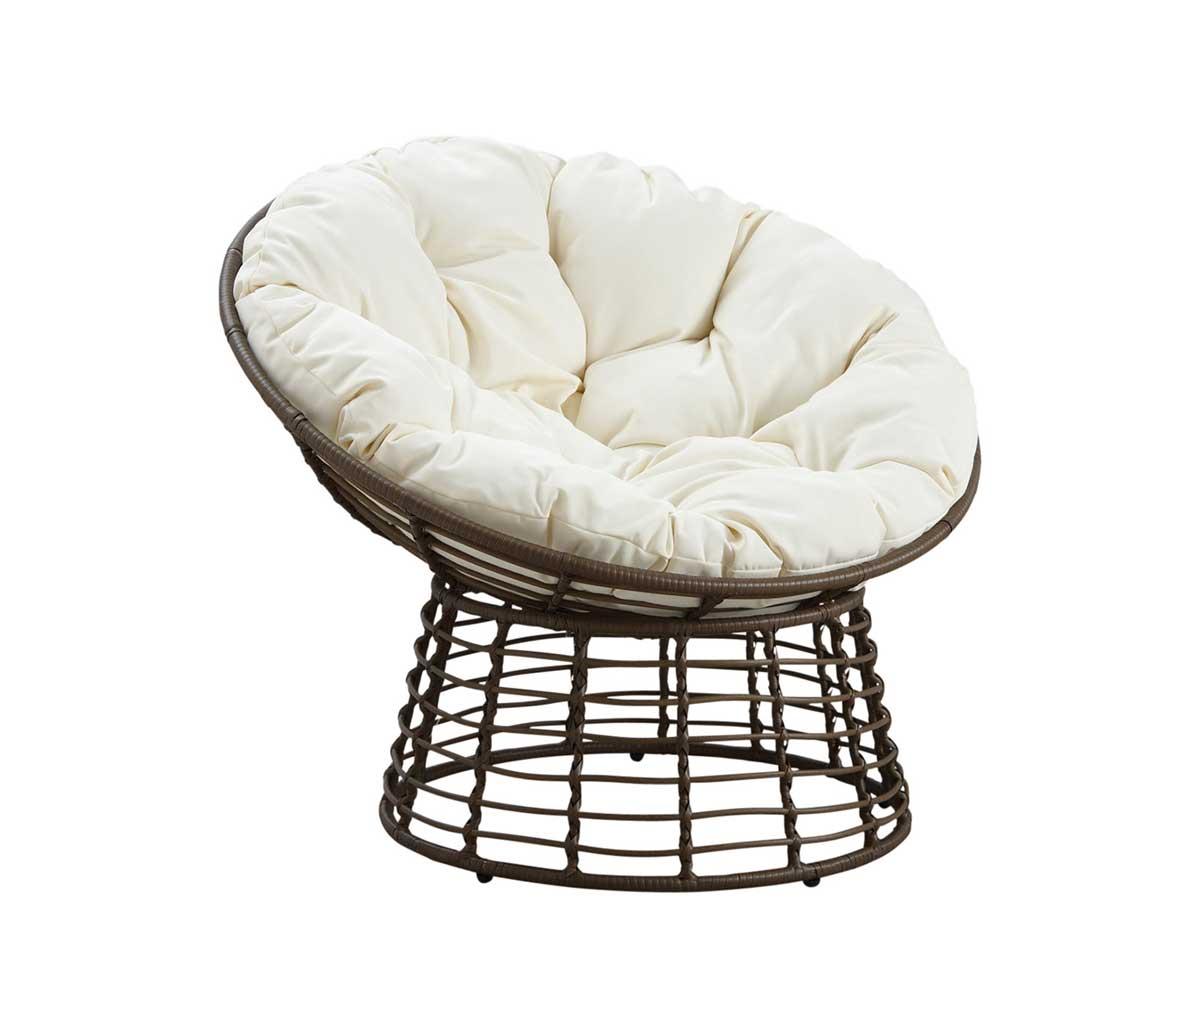 fauteuil boule exterieur jardin marron Résultat Supérieur 48 Merveilleux Fauteuil Exterieur Rond Galerie 2017 Ldkt